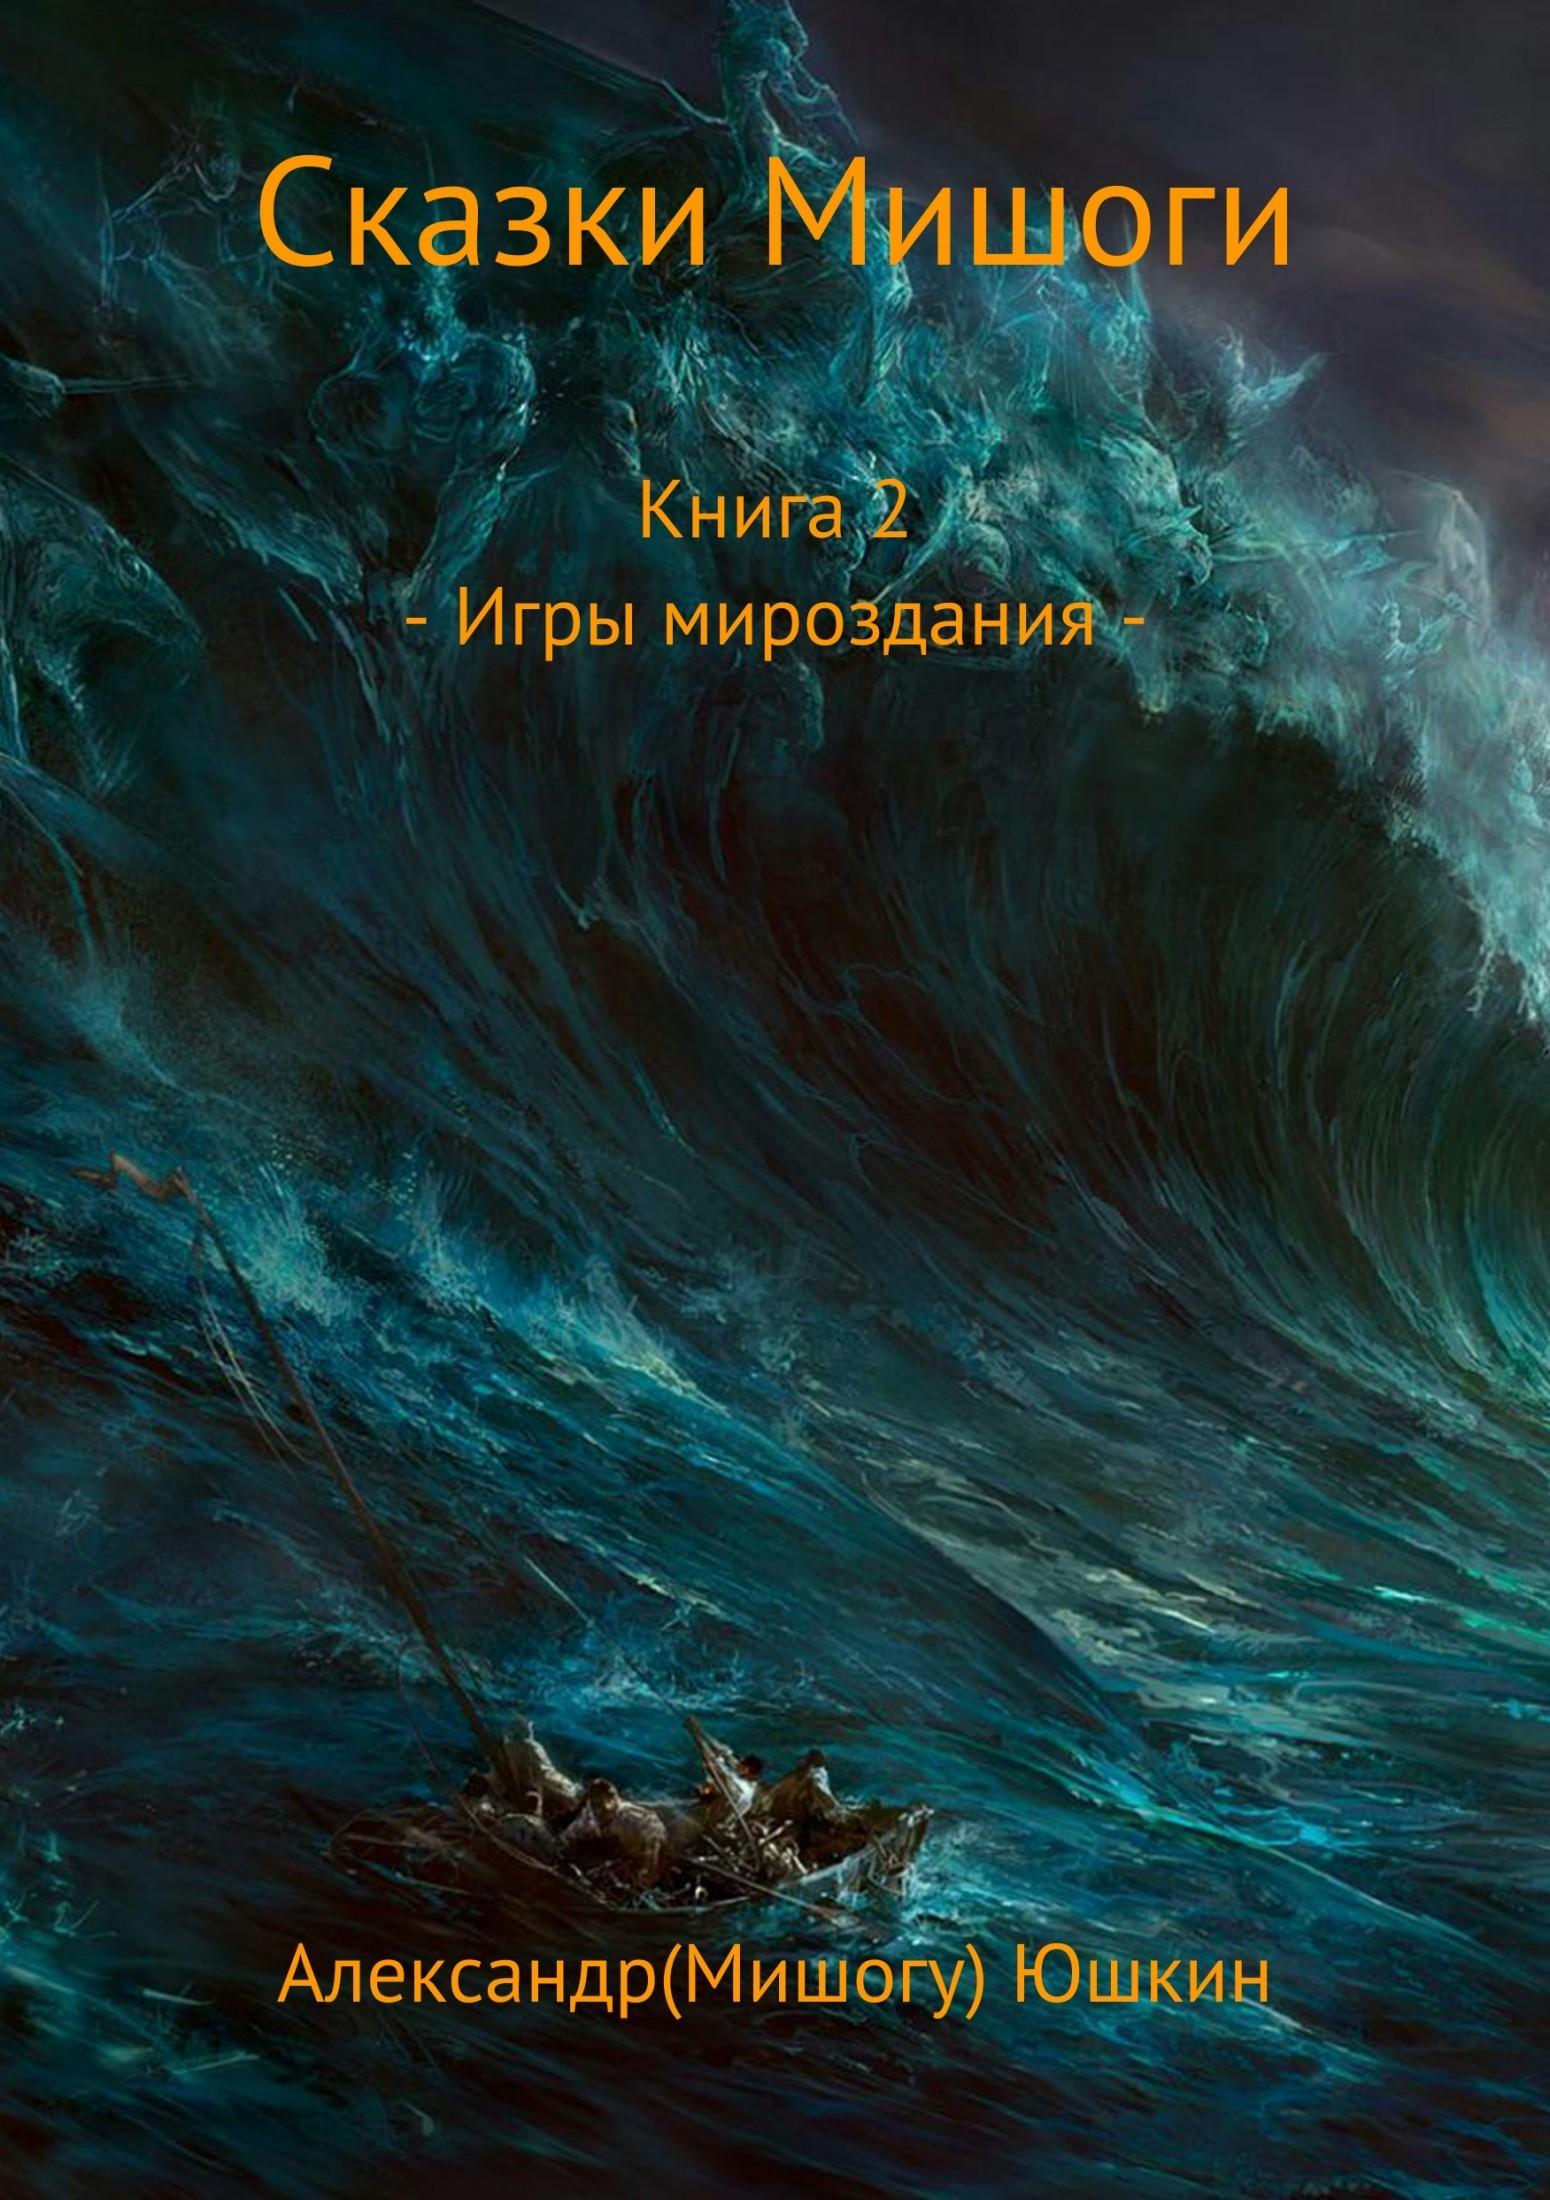 Александр(Мишогу) Николаевич Юшкин Сказки Мишоги. Книга 2. Игры мироздания